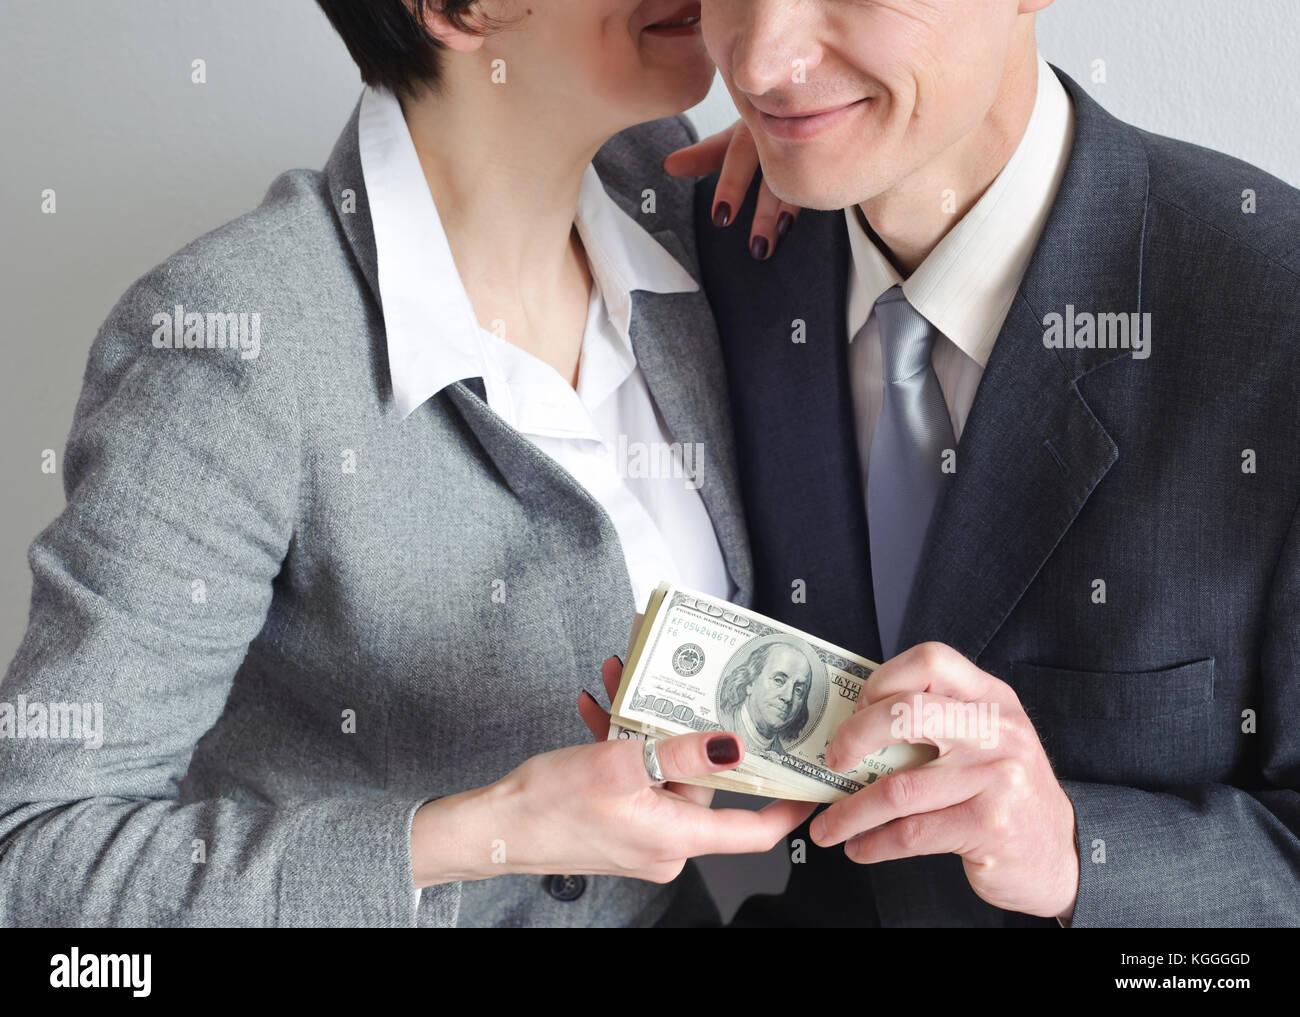 муж занимает деньги друзьям